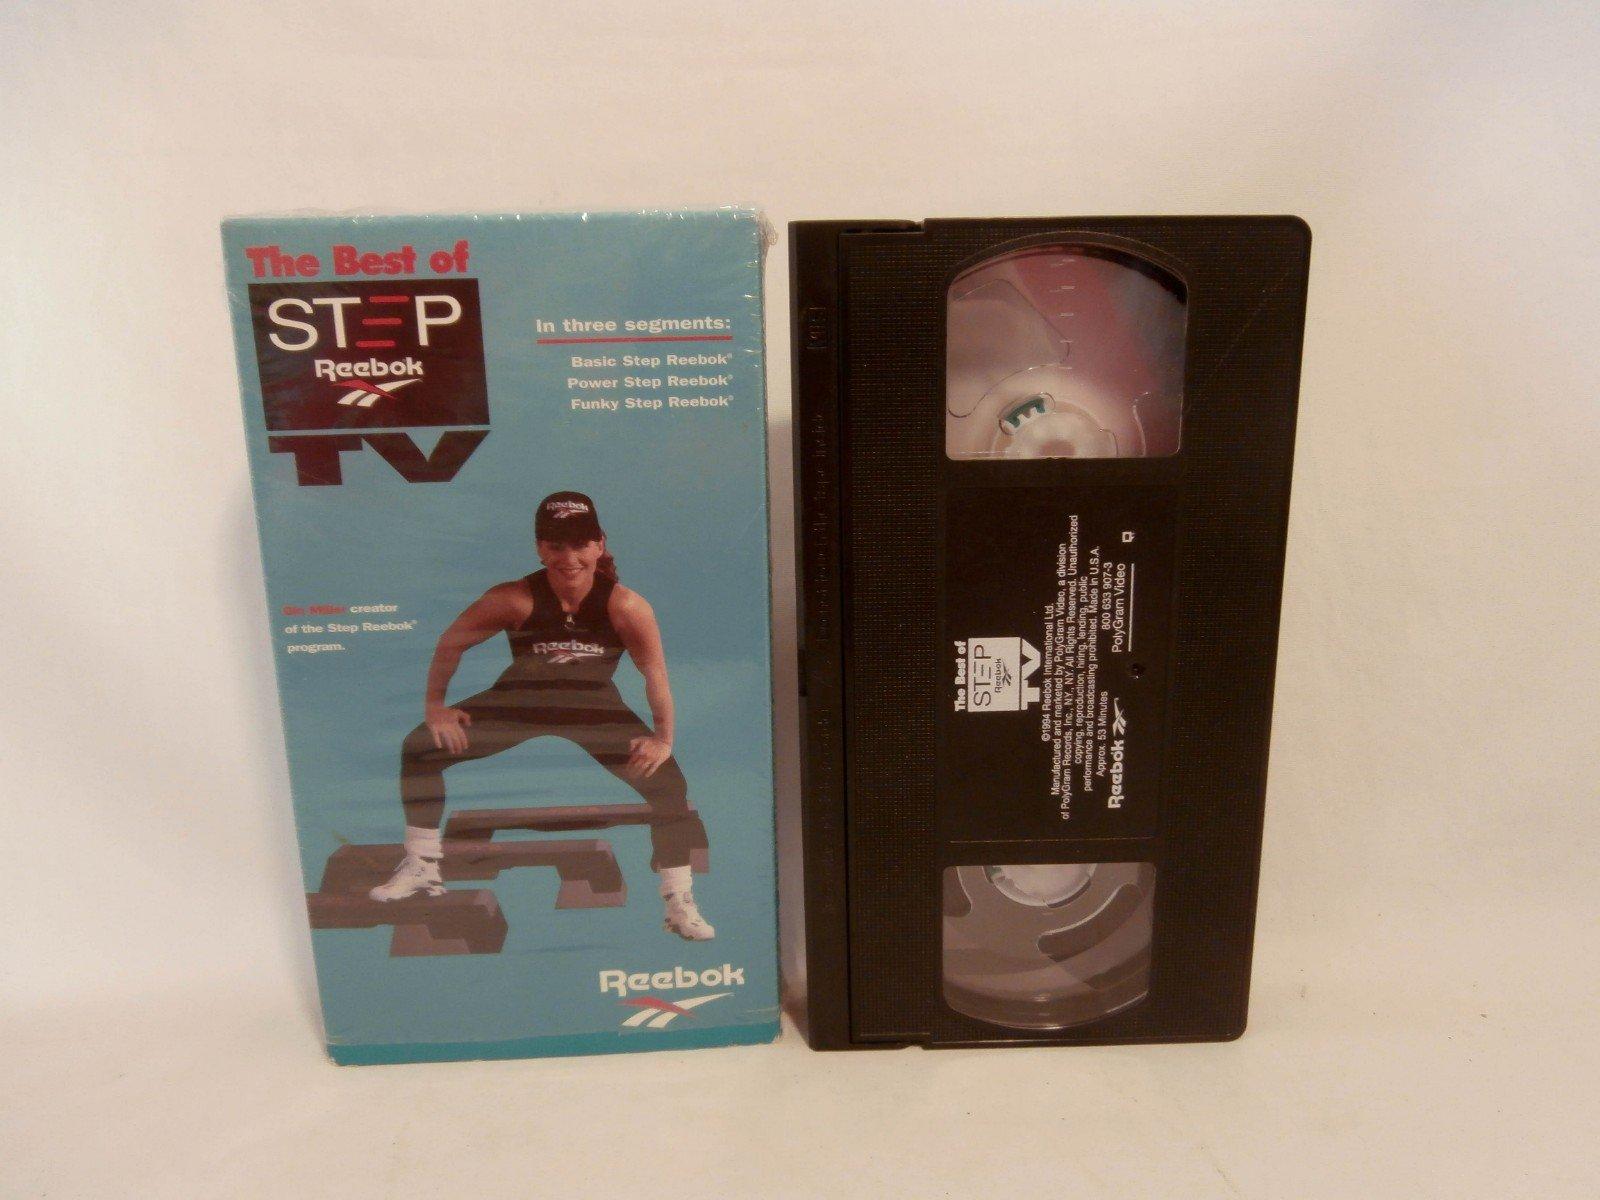 Step Reebok: Best of Step Reebok TV [VHS]